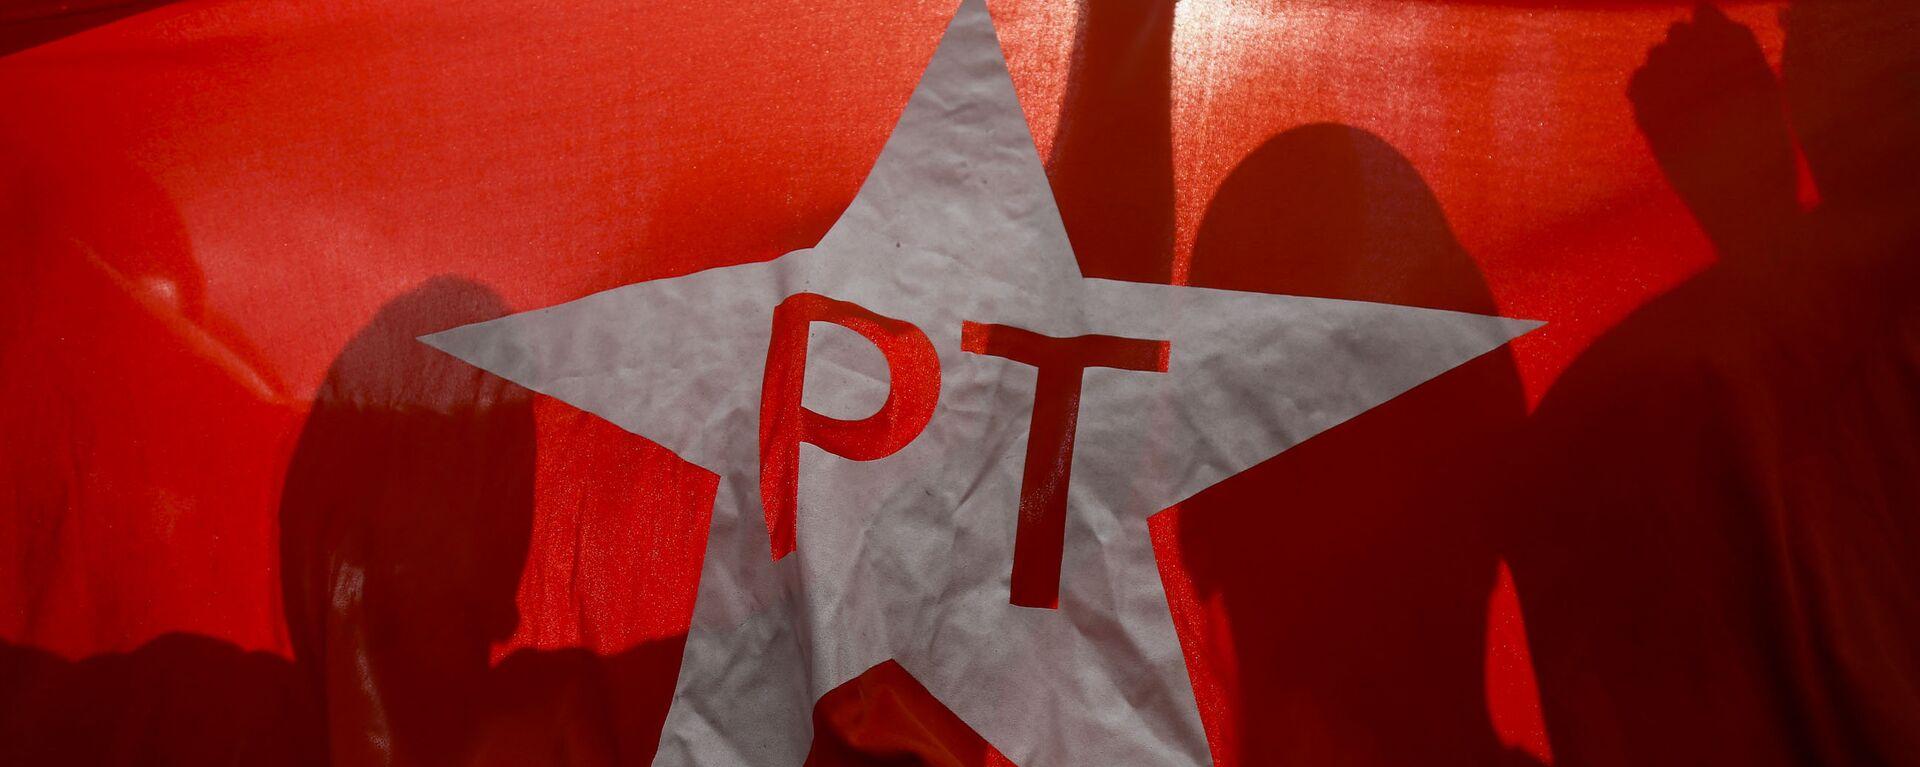 Bandera del Partido de los Trabajadores - Sputnik Mundo, 1920, 06.08.2021